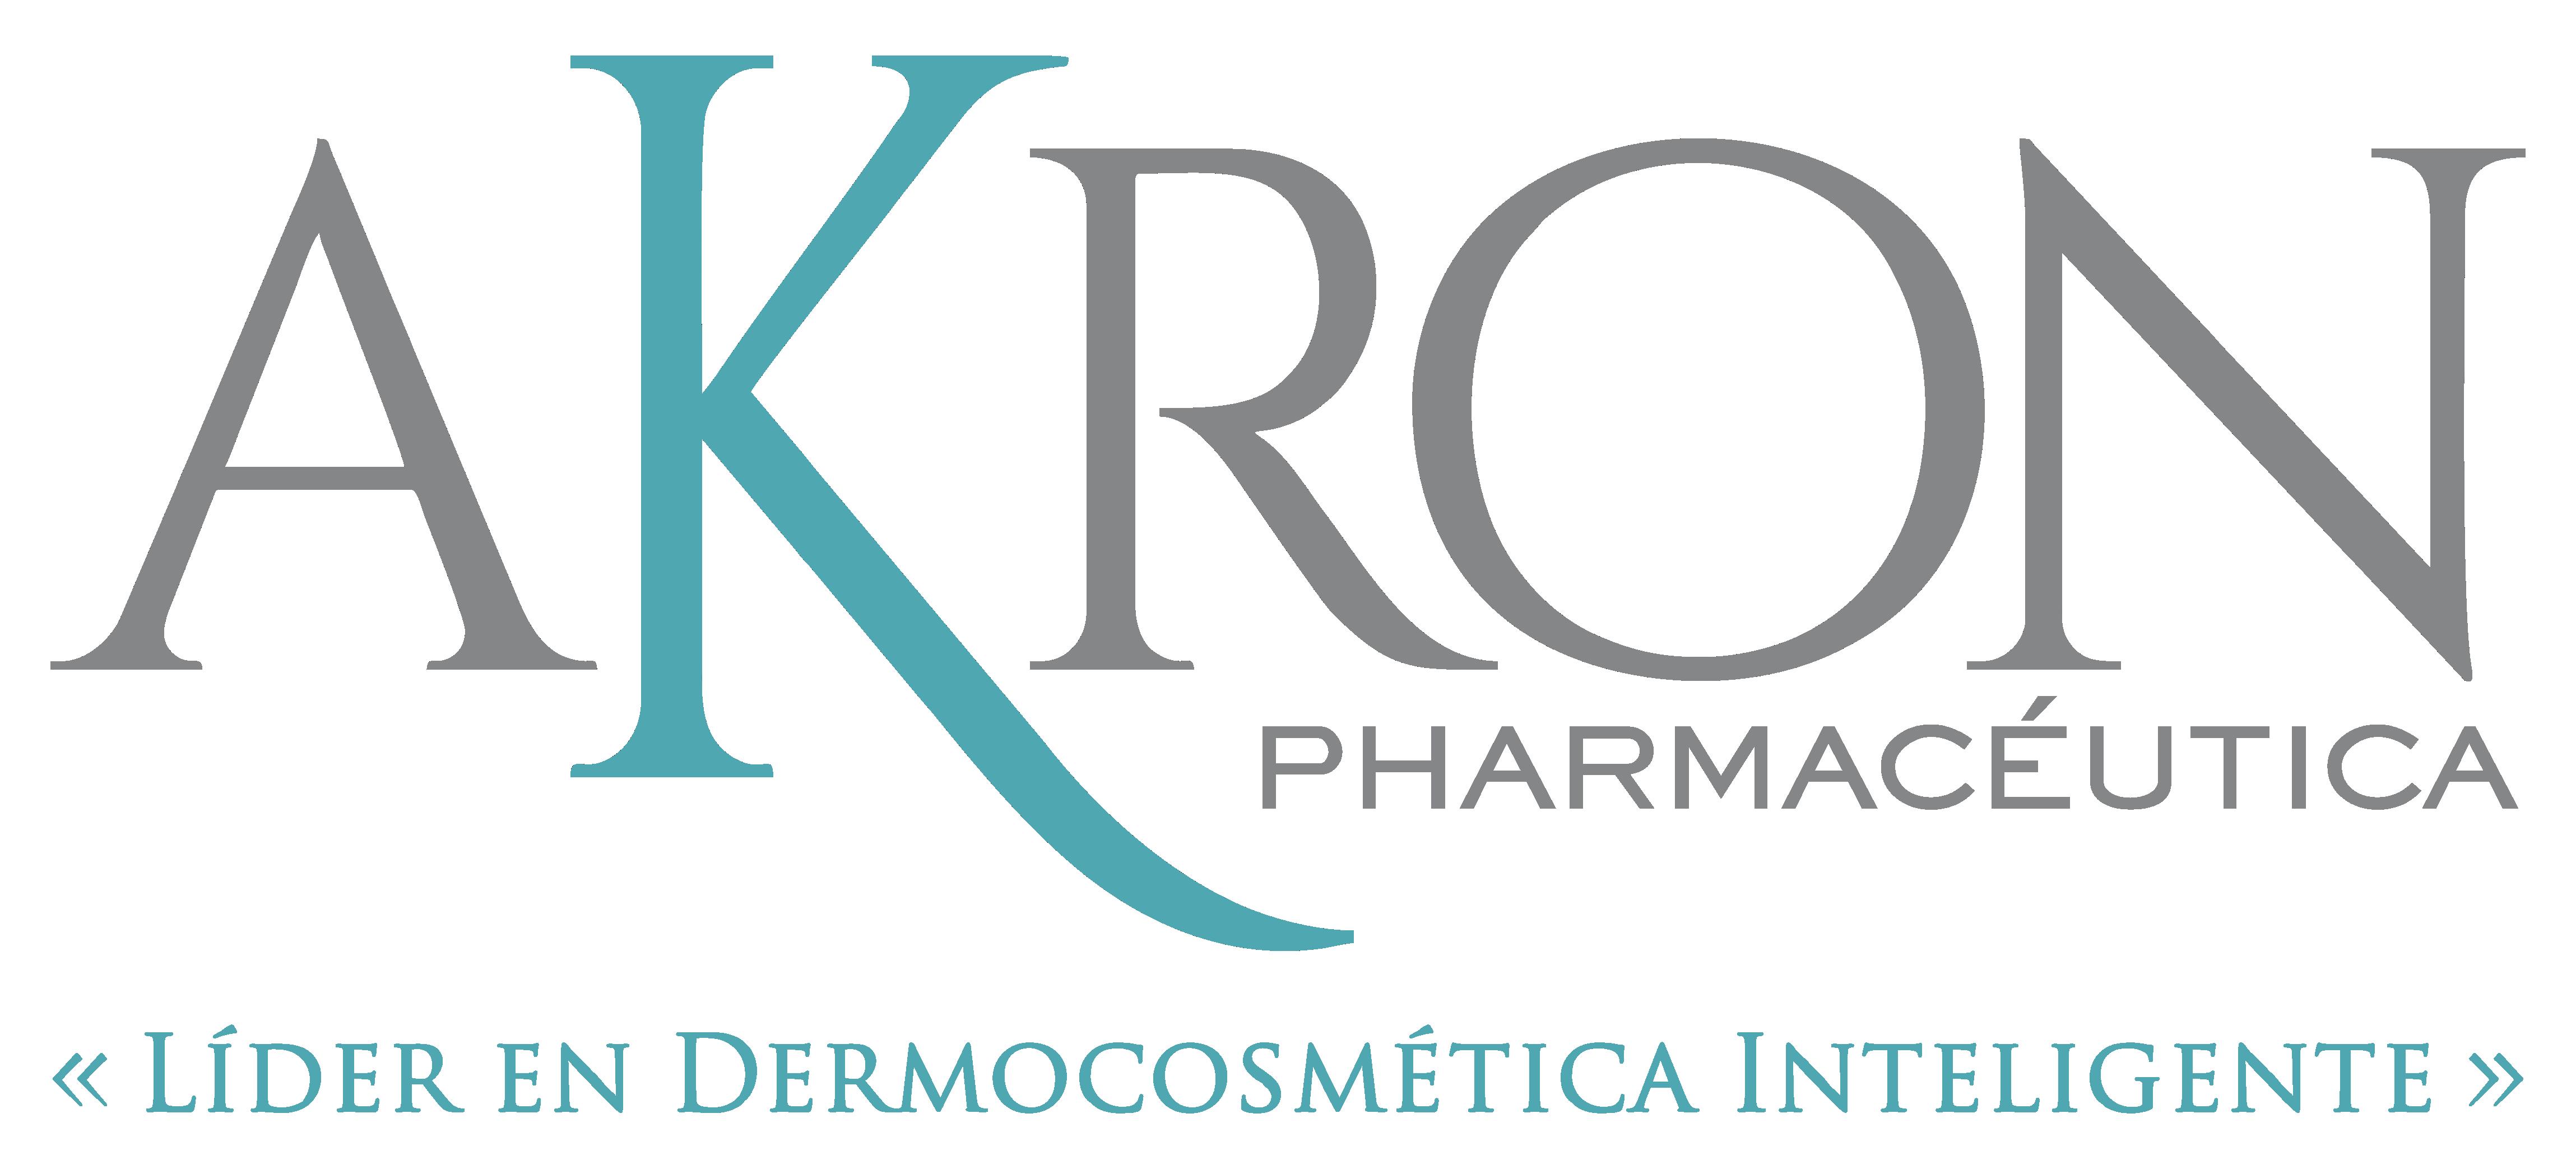 Akron Pharmaceutica